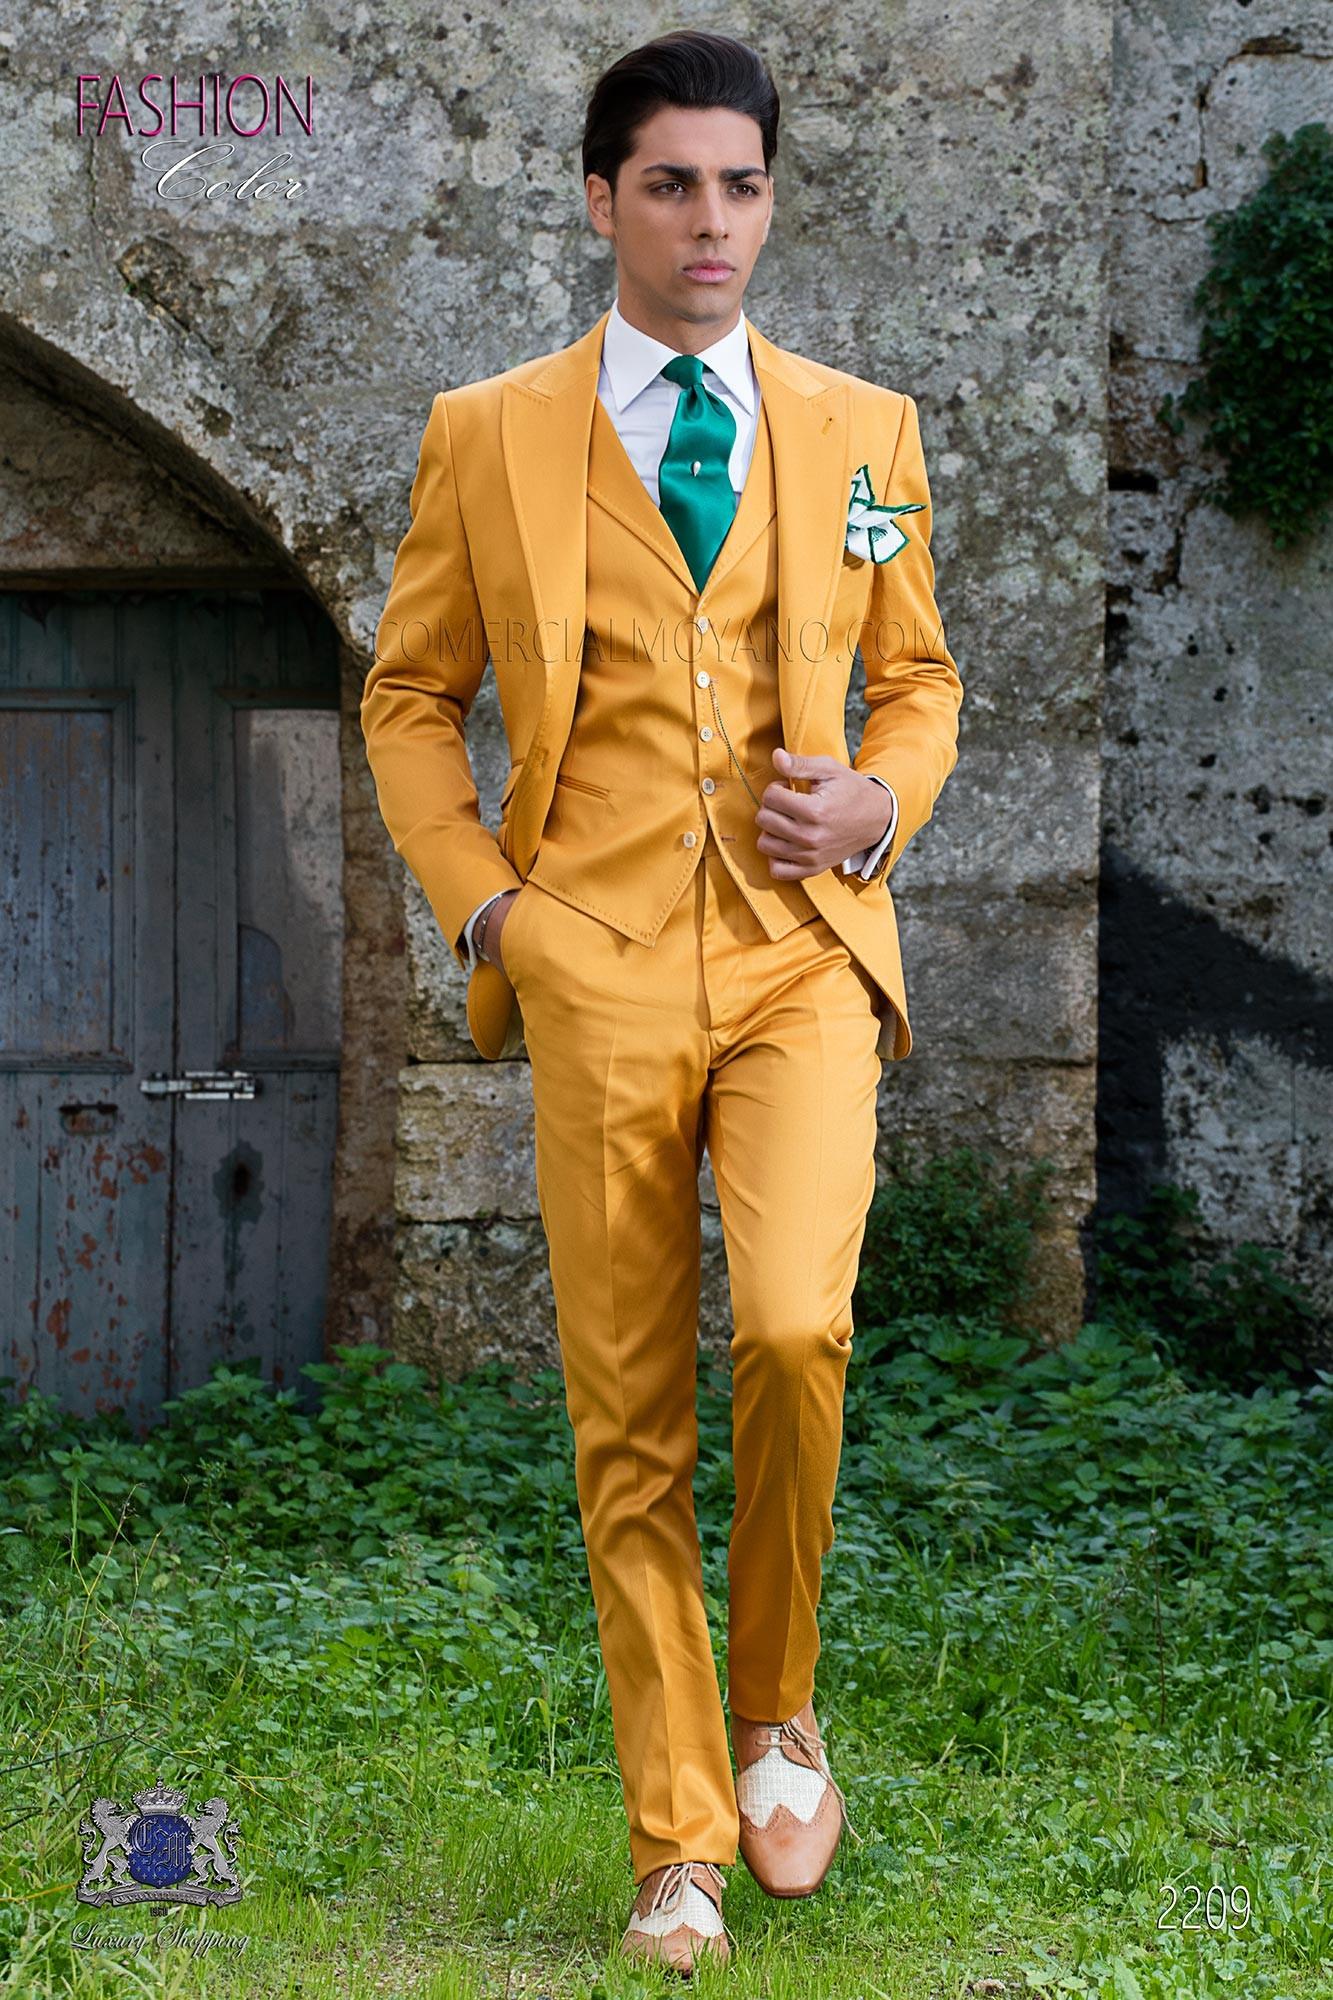 Gelb satinierte Baumwolle Hochzeitsanzug Ottavio Nuccio Gala.